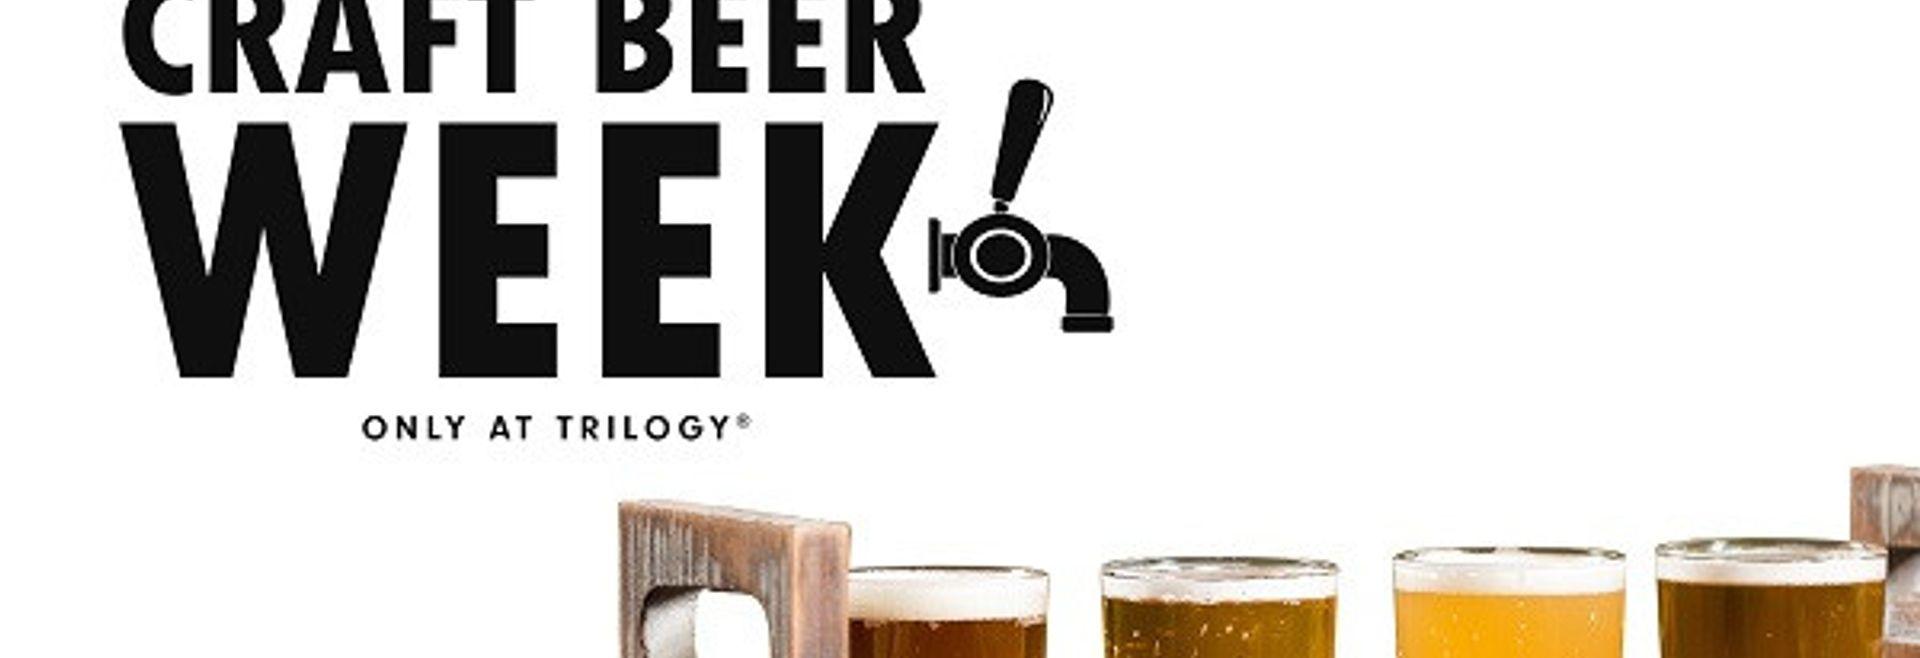 Craft Beer Week at Trilogy